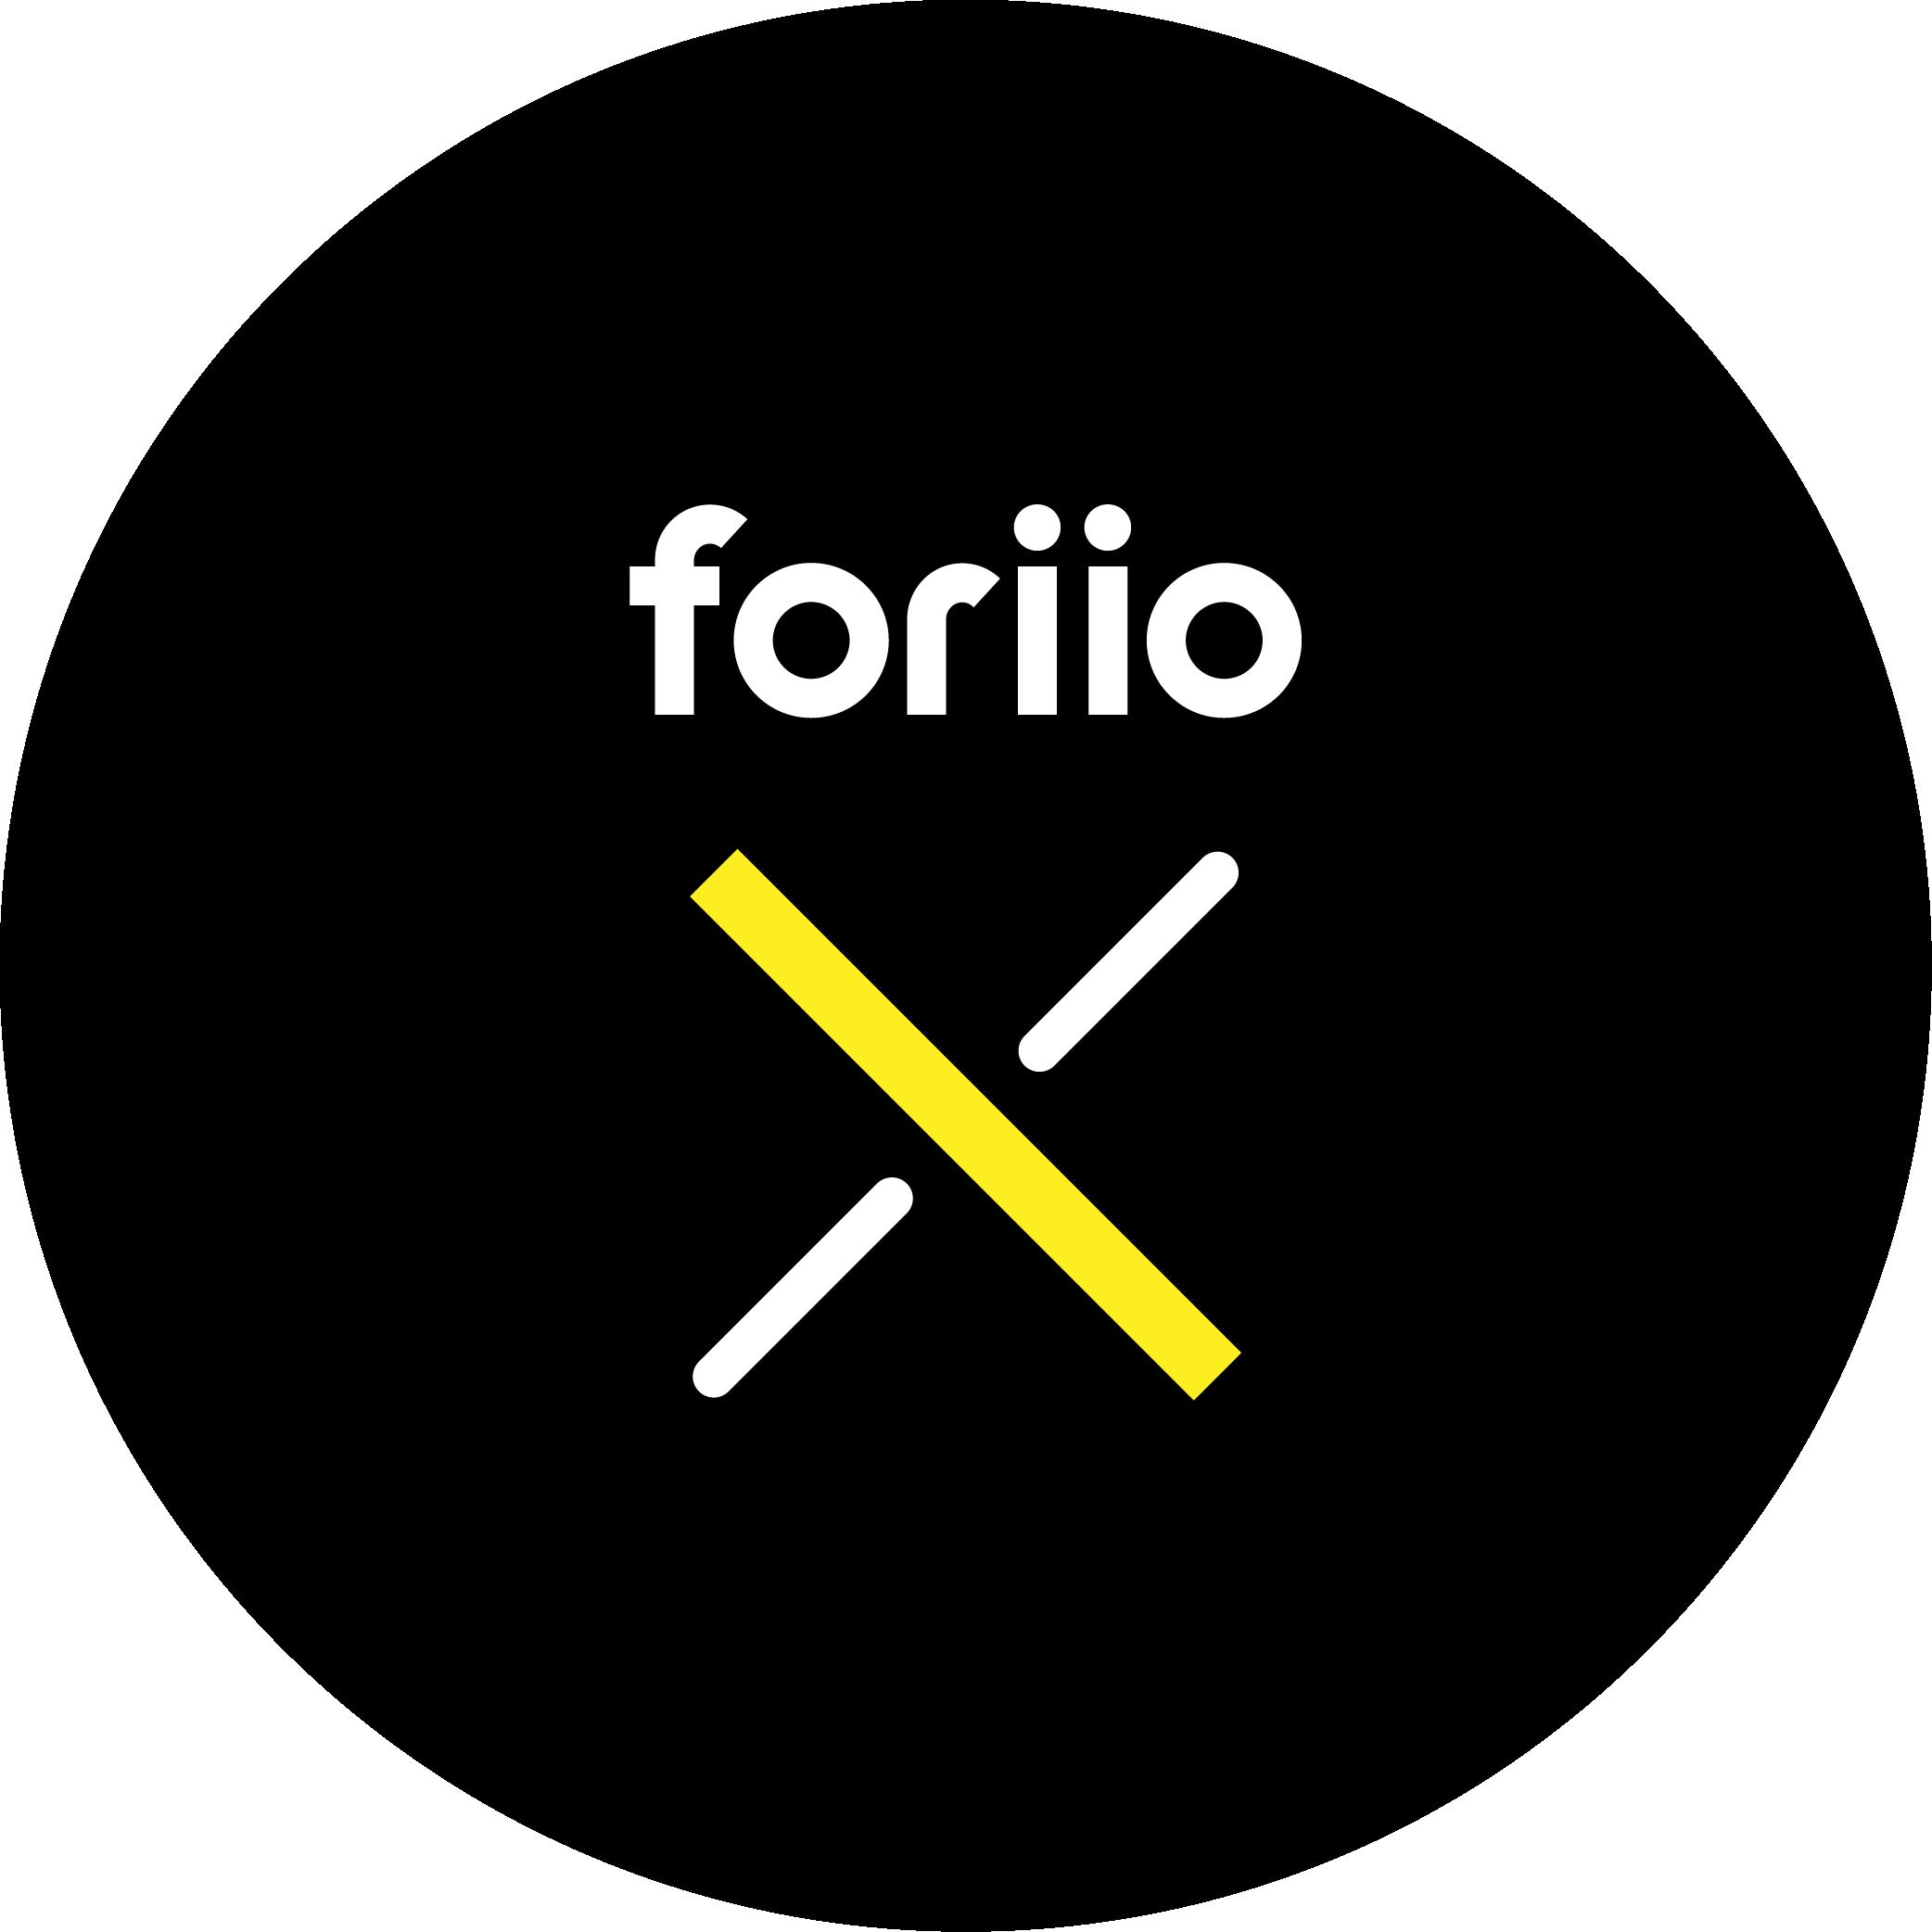 foriio